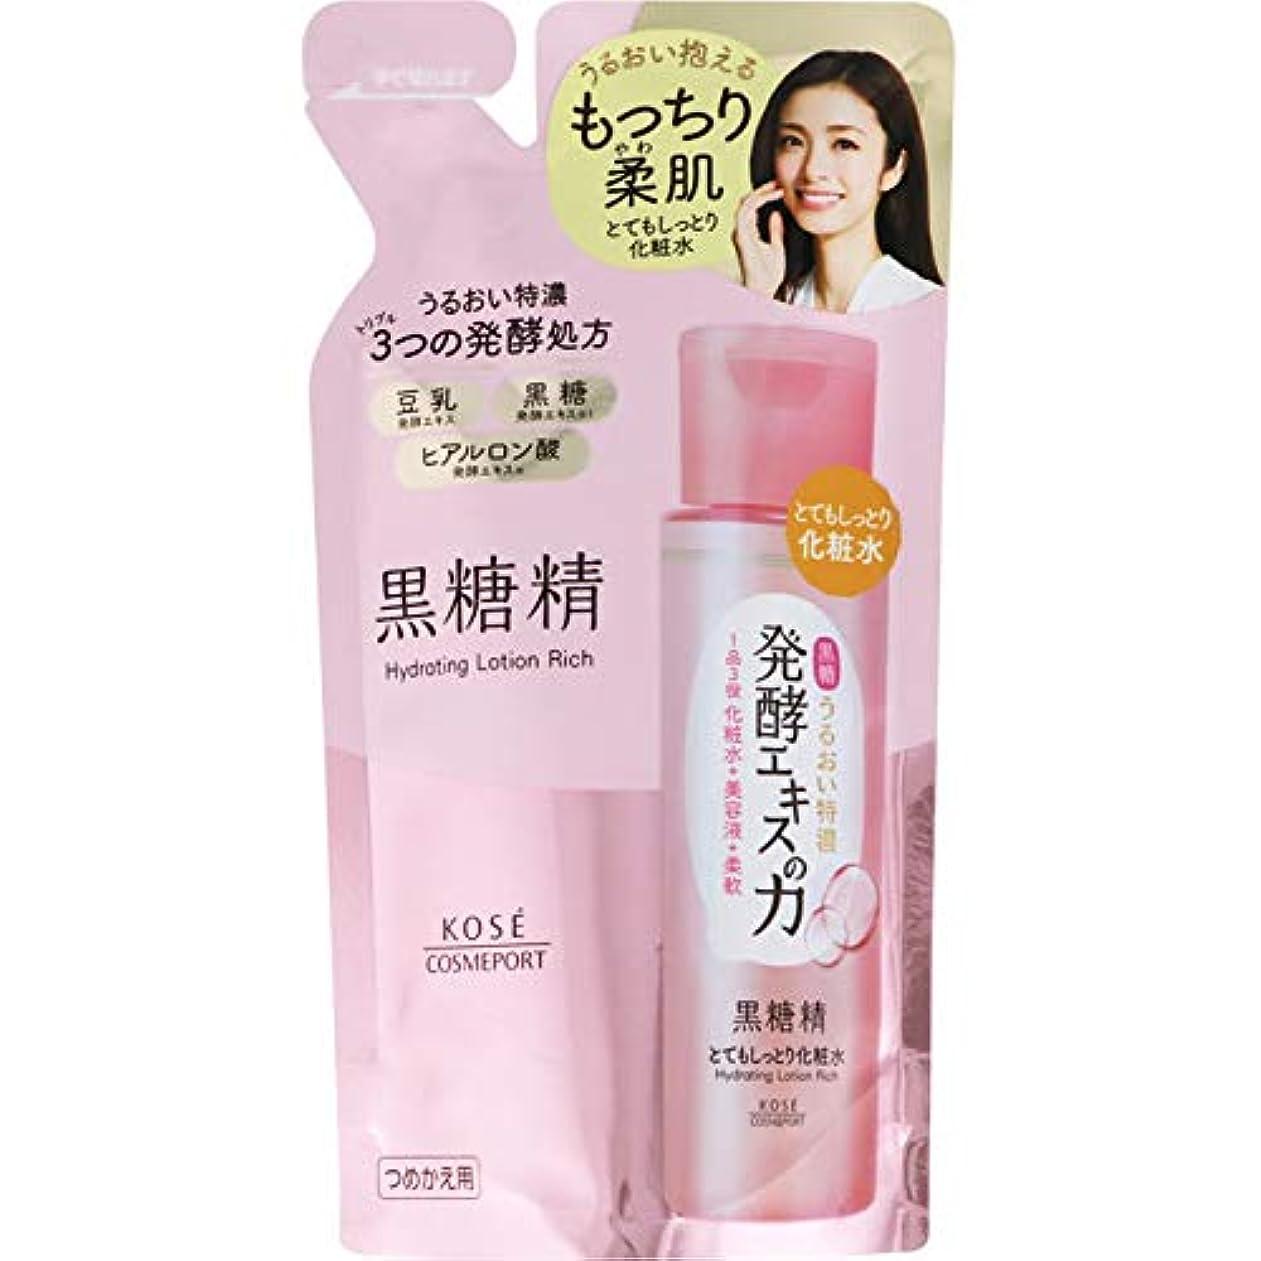 作り上げる韓国不良【3個セット】黒糖精 とてもしっとり化粧水 つめかえ 160mL